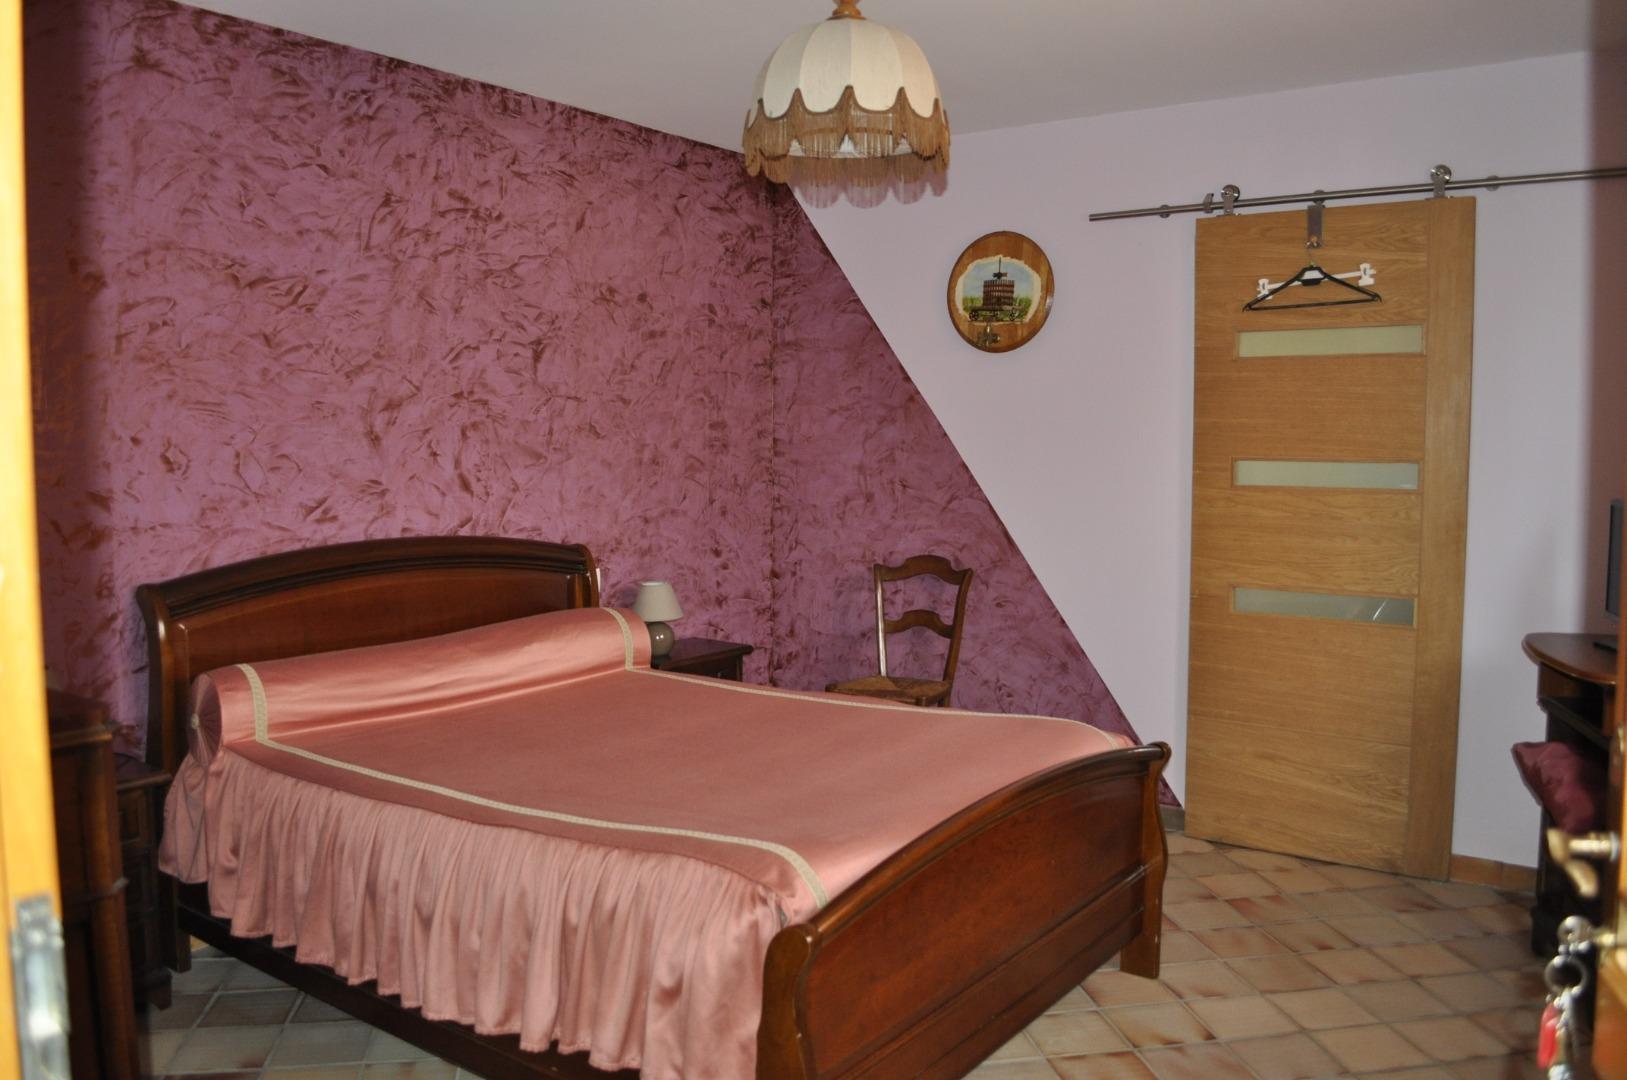 Chambre d'hôte spacieuse à Ludon-Médoc